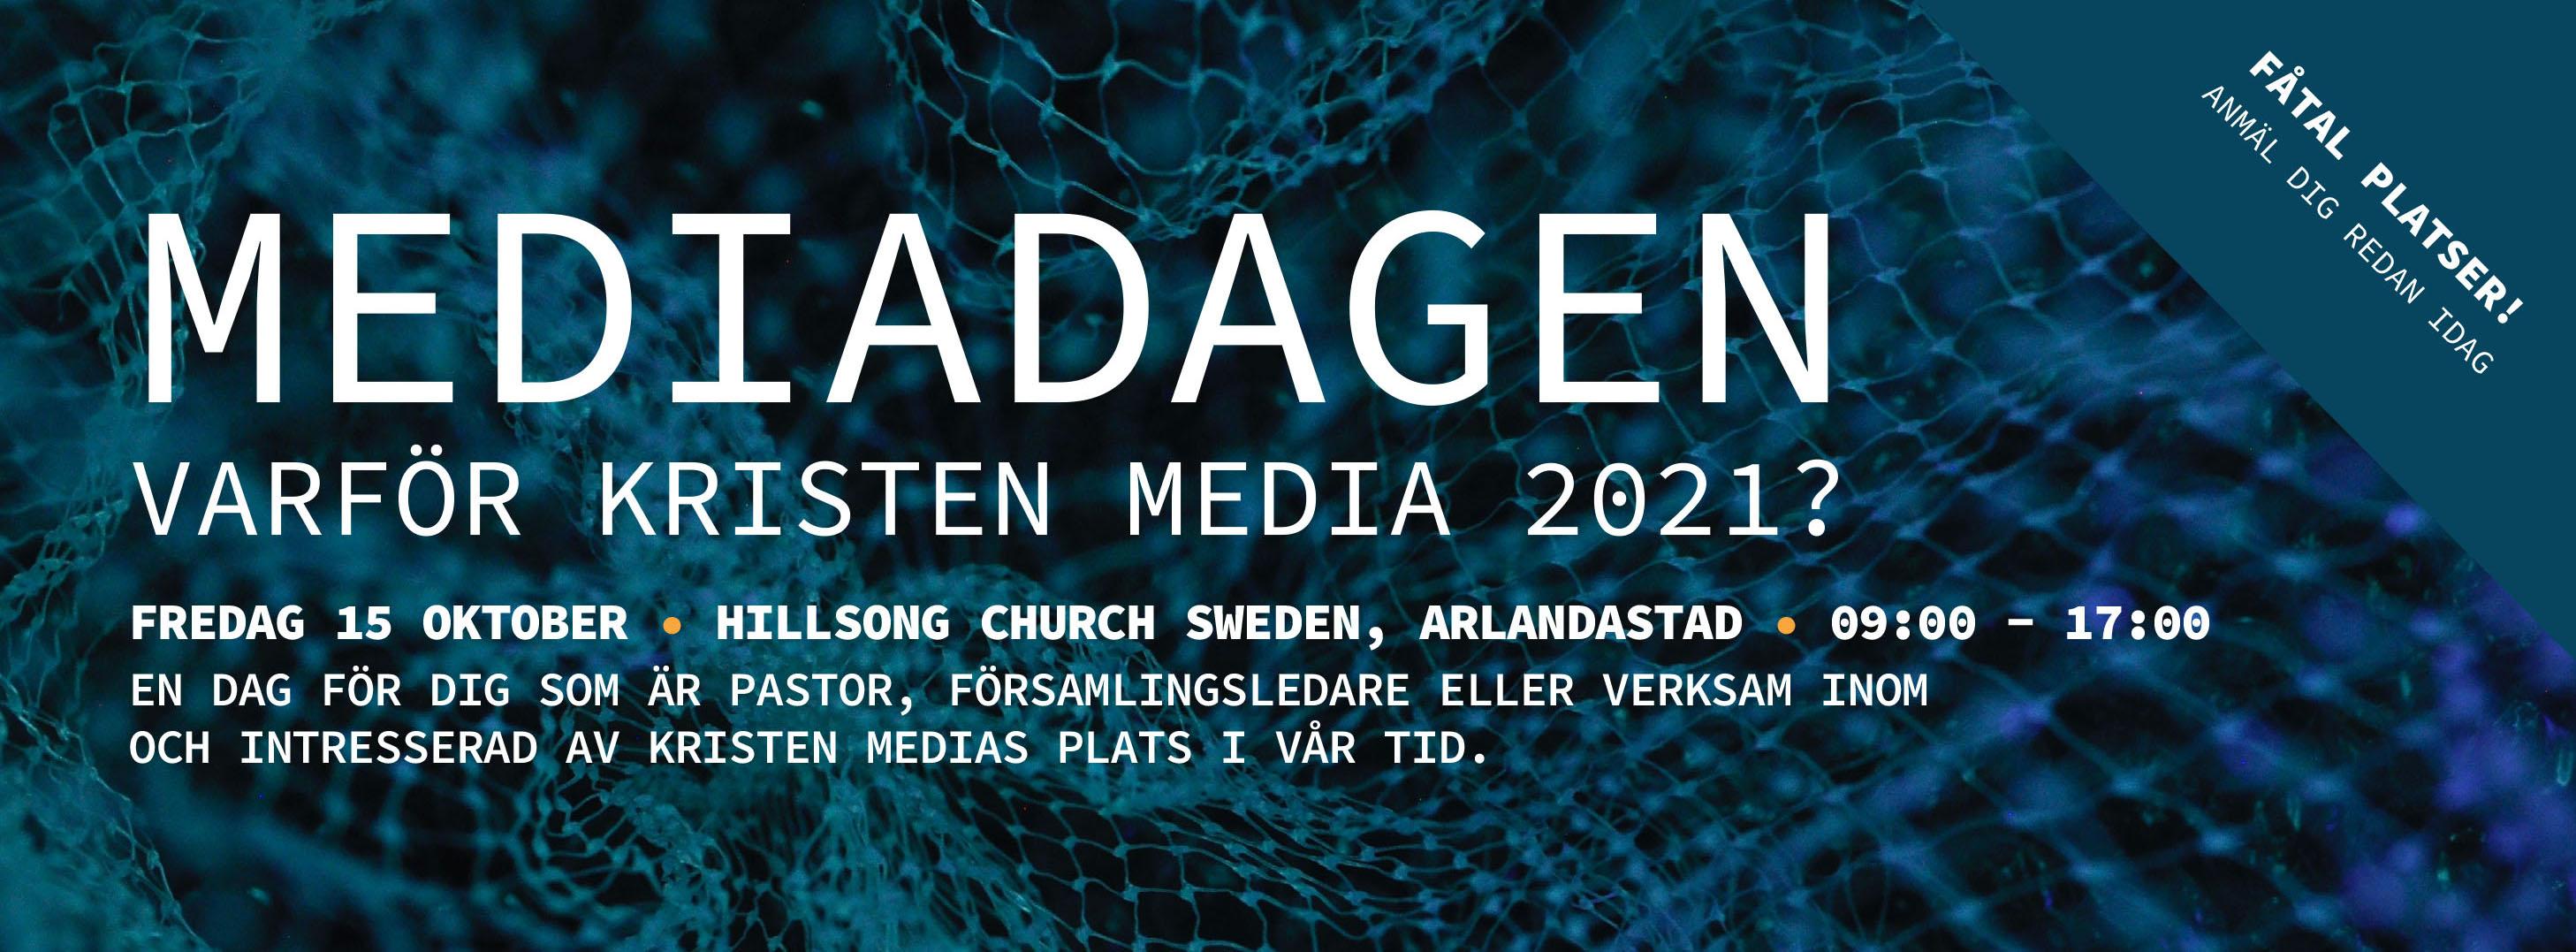 Header Mediadagen